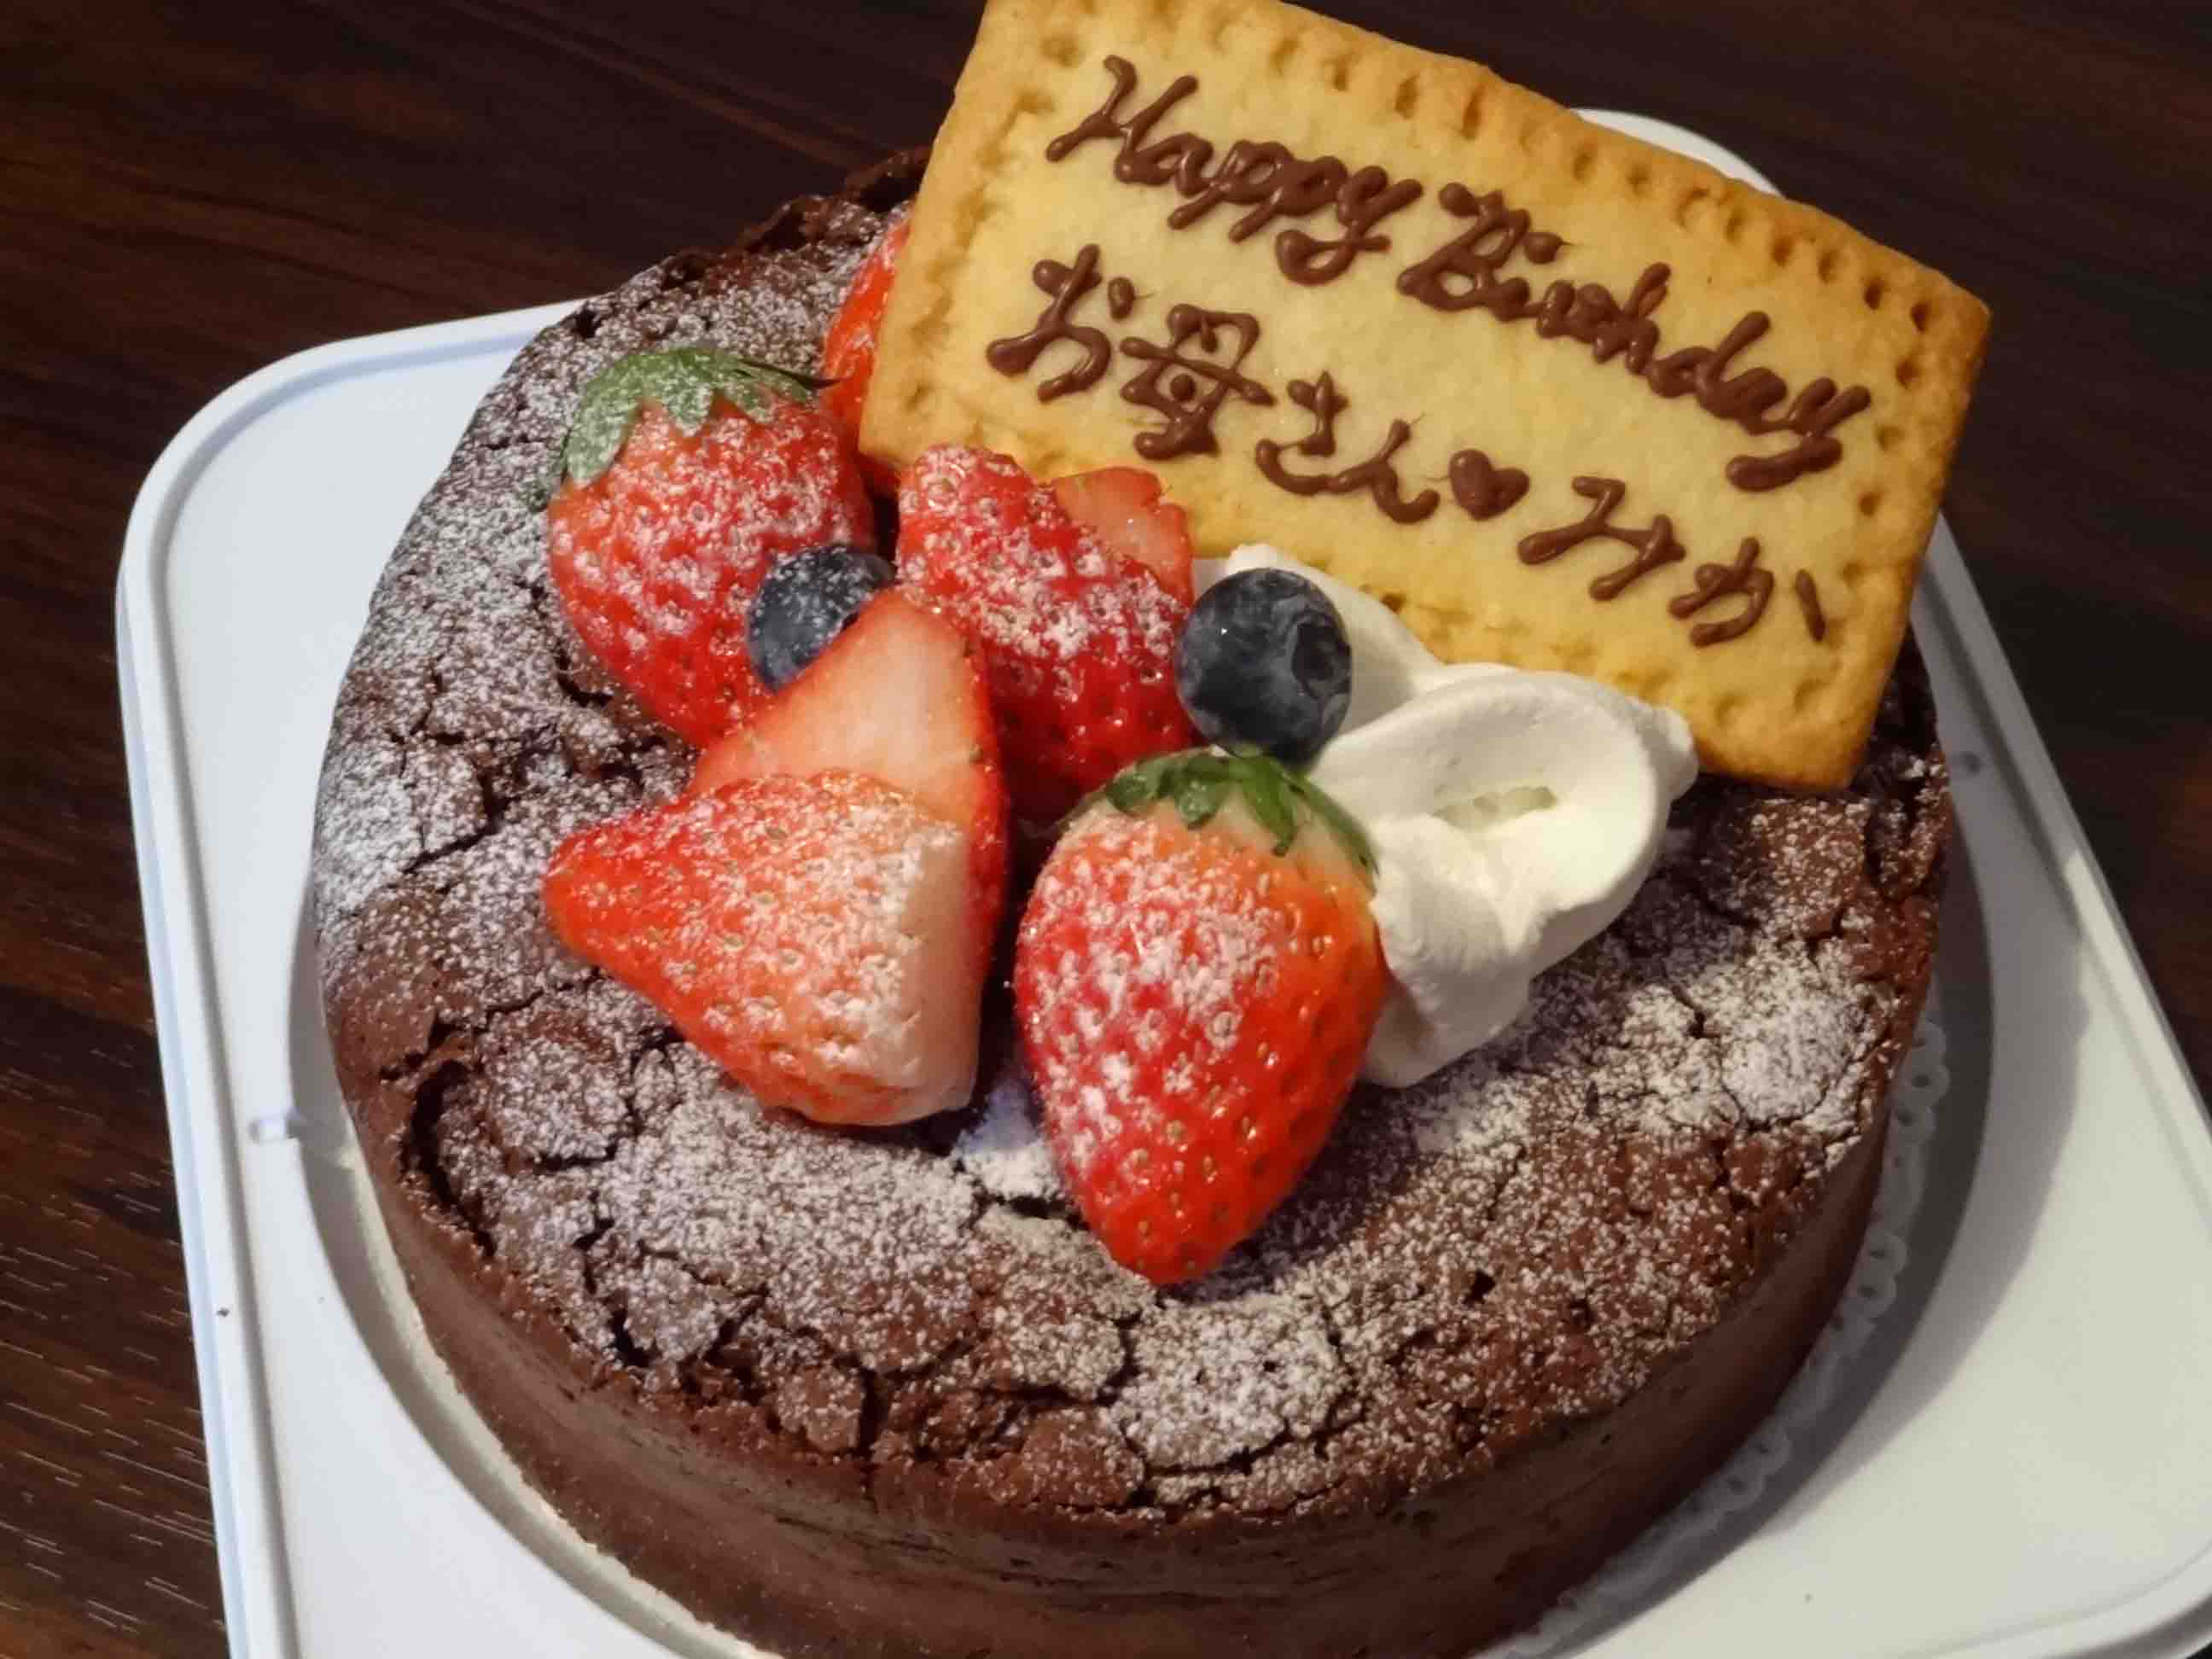 計画的 ささやき 嬉しいです 誕生 日 ケーキ 手作り 彼氏 St Clearleaf Jp